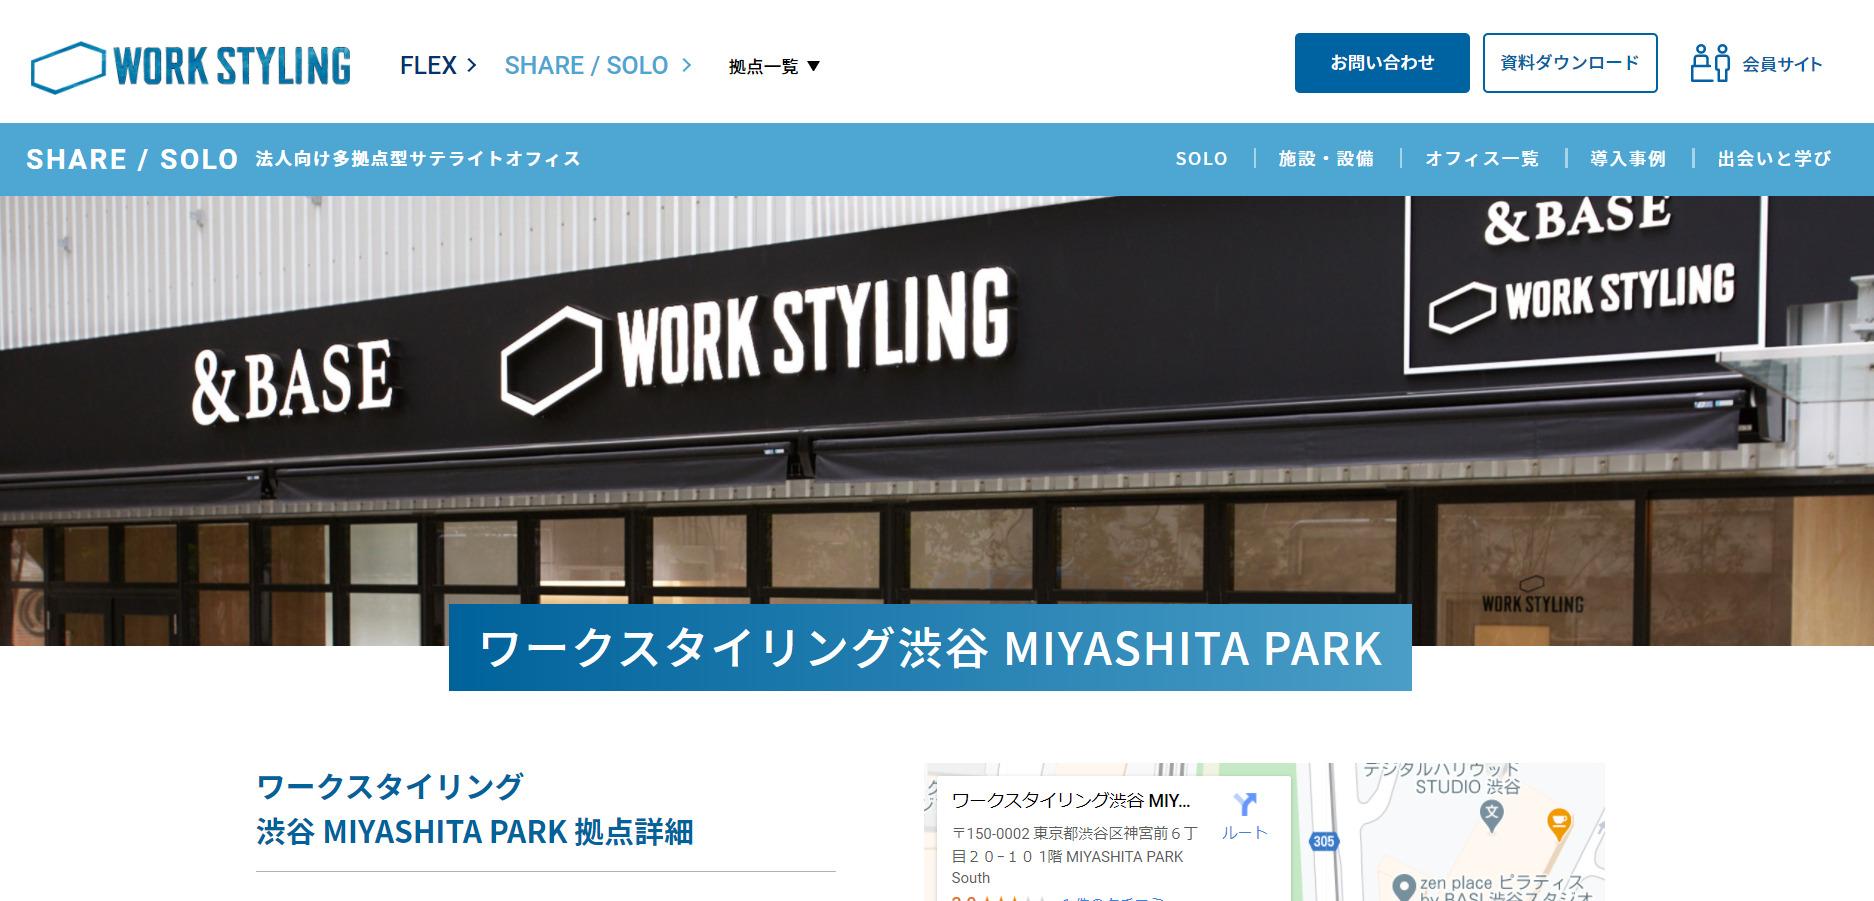 シェアオフィス WORK STYLING 渋谷 MIYASHITA PARK